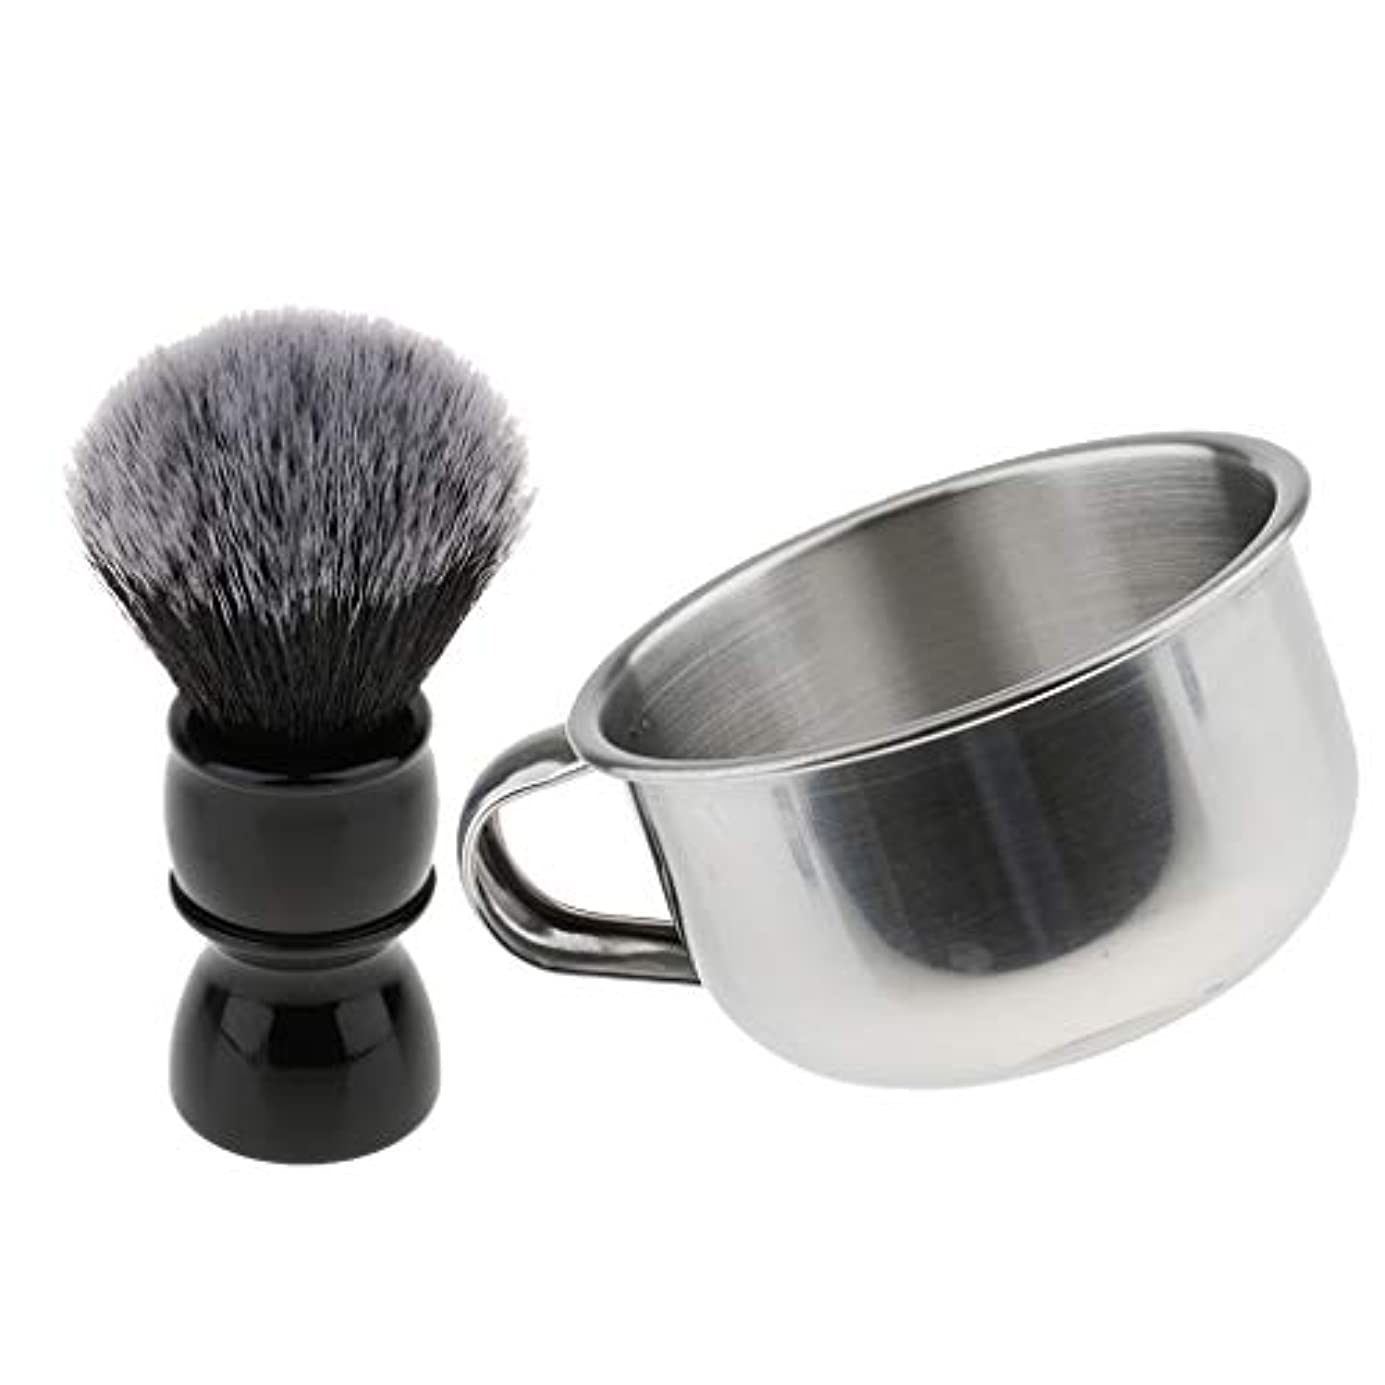 いとこフレッシュケントシェービング用 シェービングブラシ メンズ 洗顔ブラシ 理容 洗顔 髭剃り ステンレスボウル付き 2点